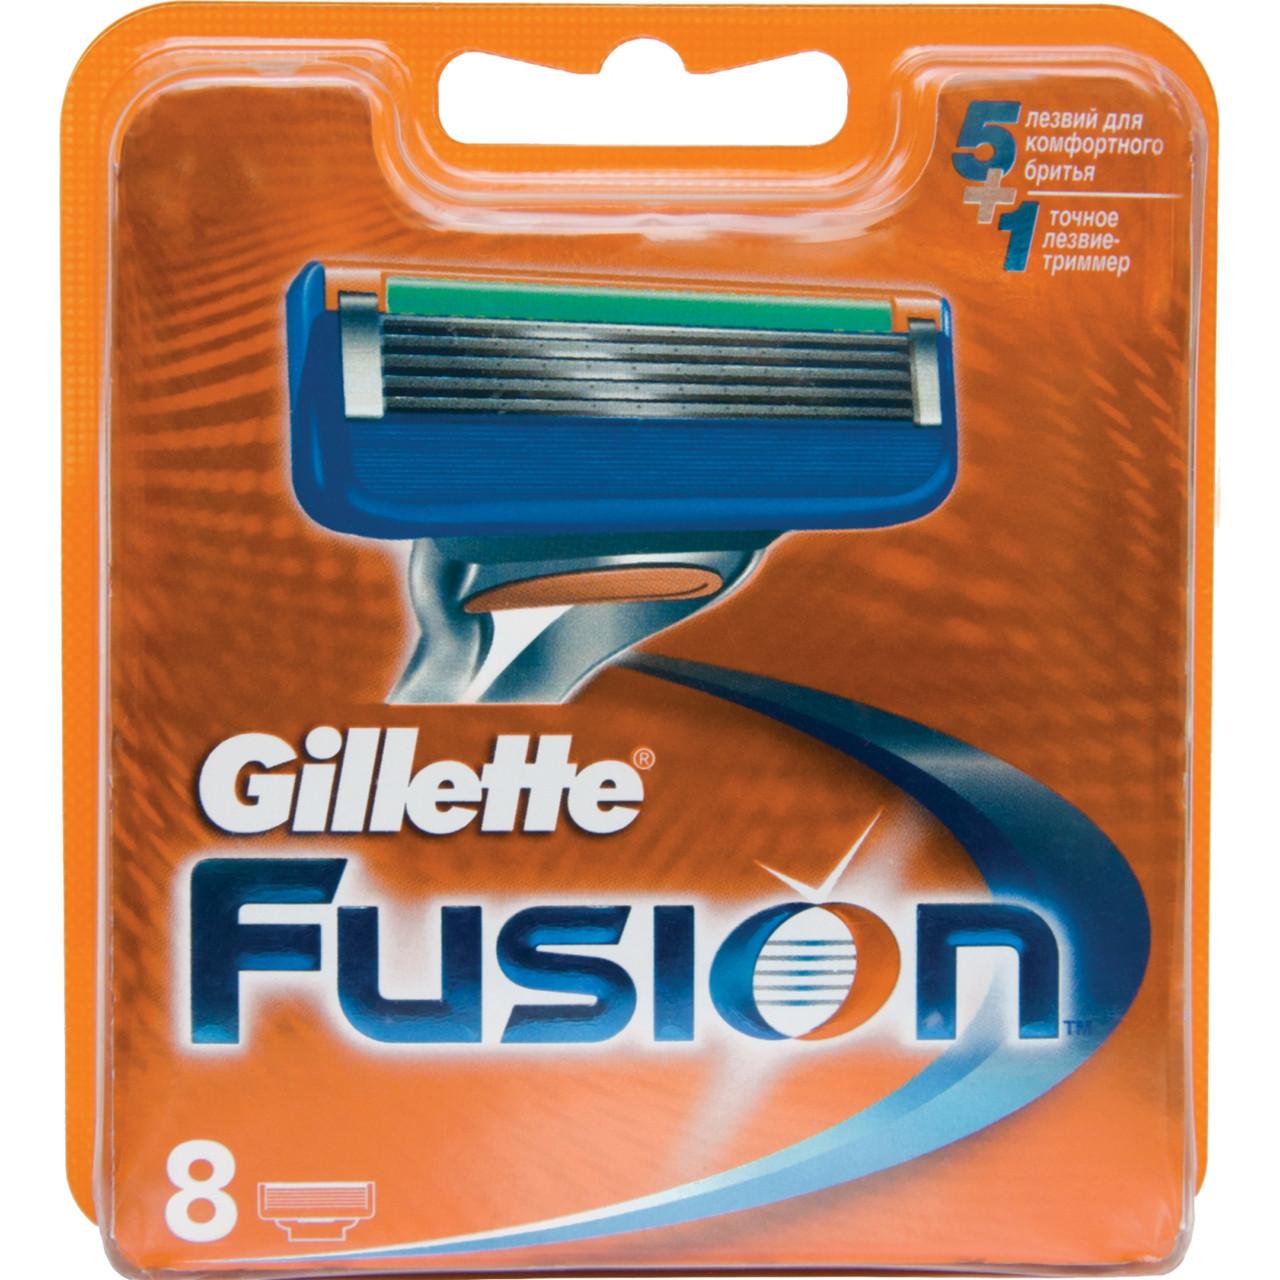 Gilette Fusion 8 шт. в упаковке, Германия, сменные кассеты для бритья